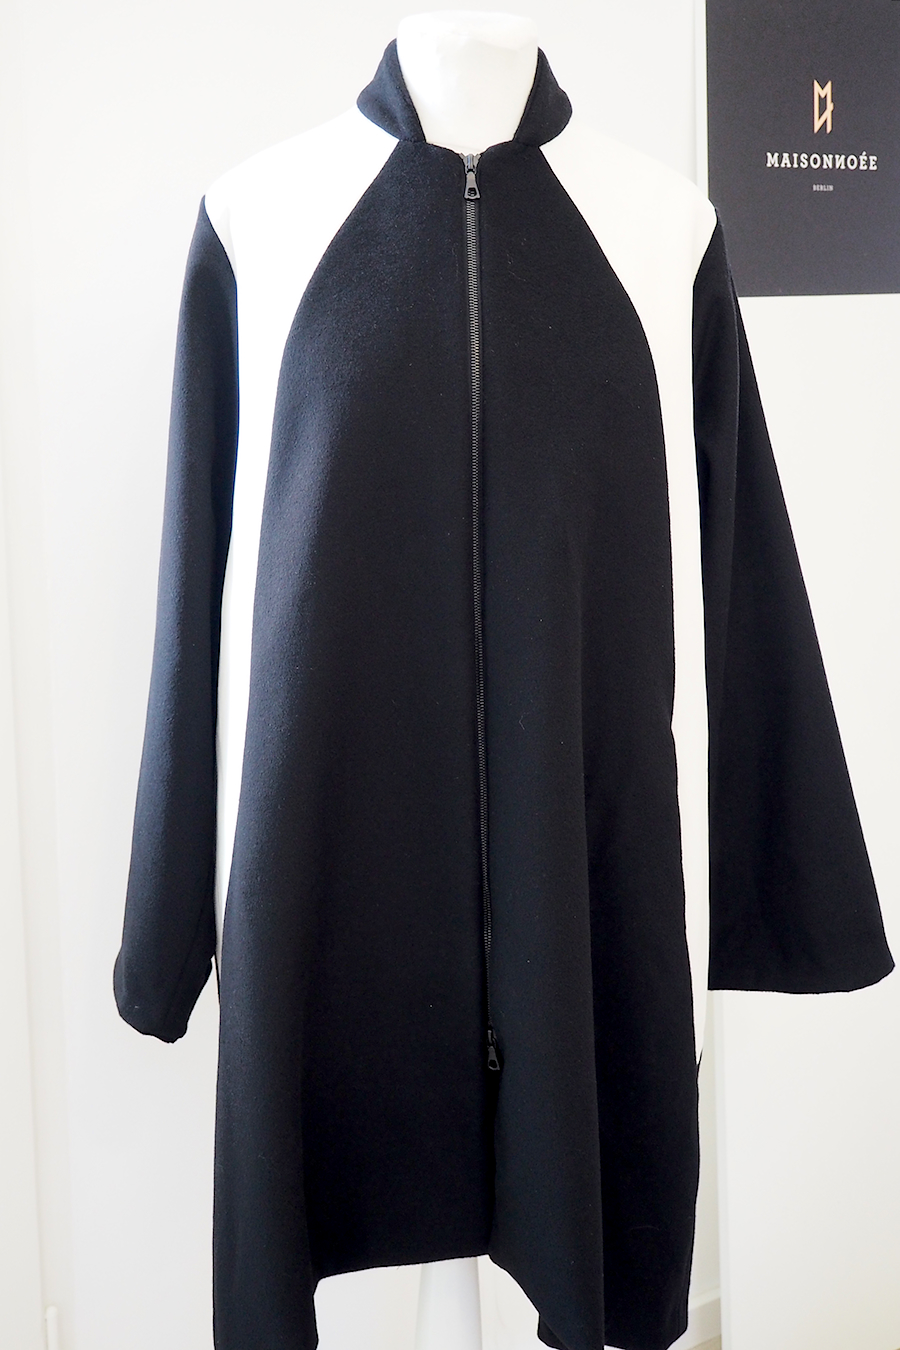 Atelier de Mode - von Maisonnoée